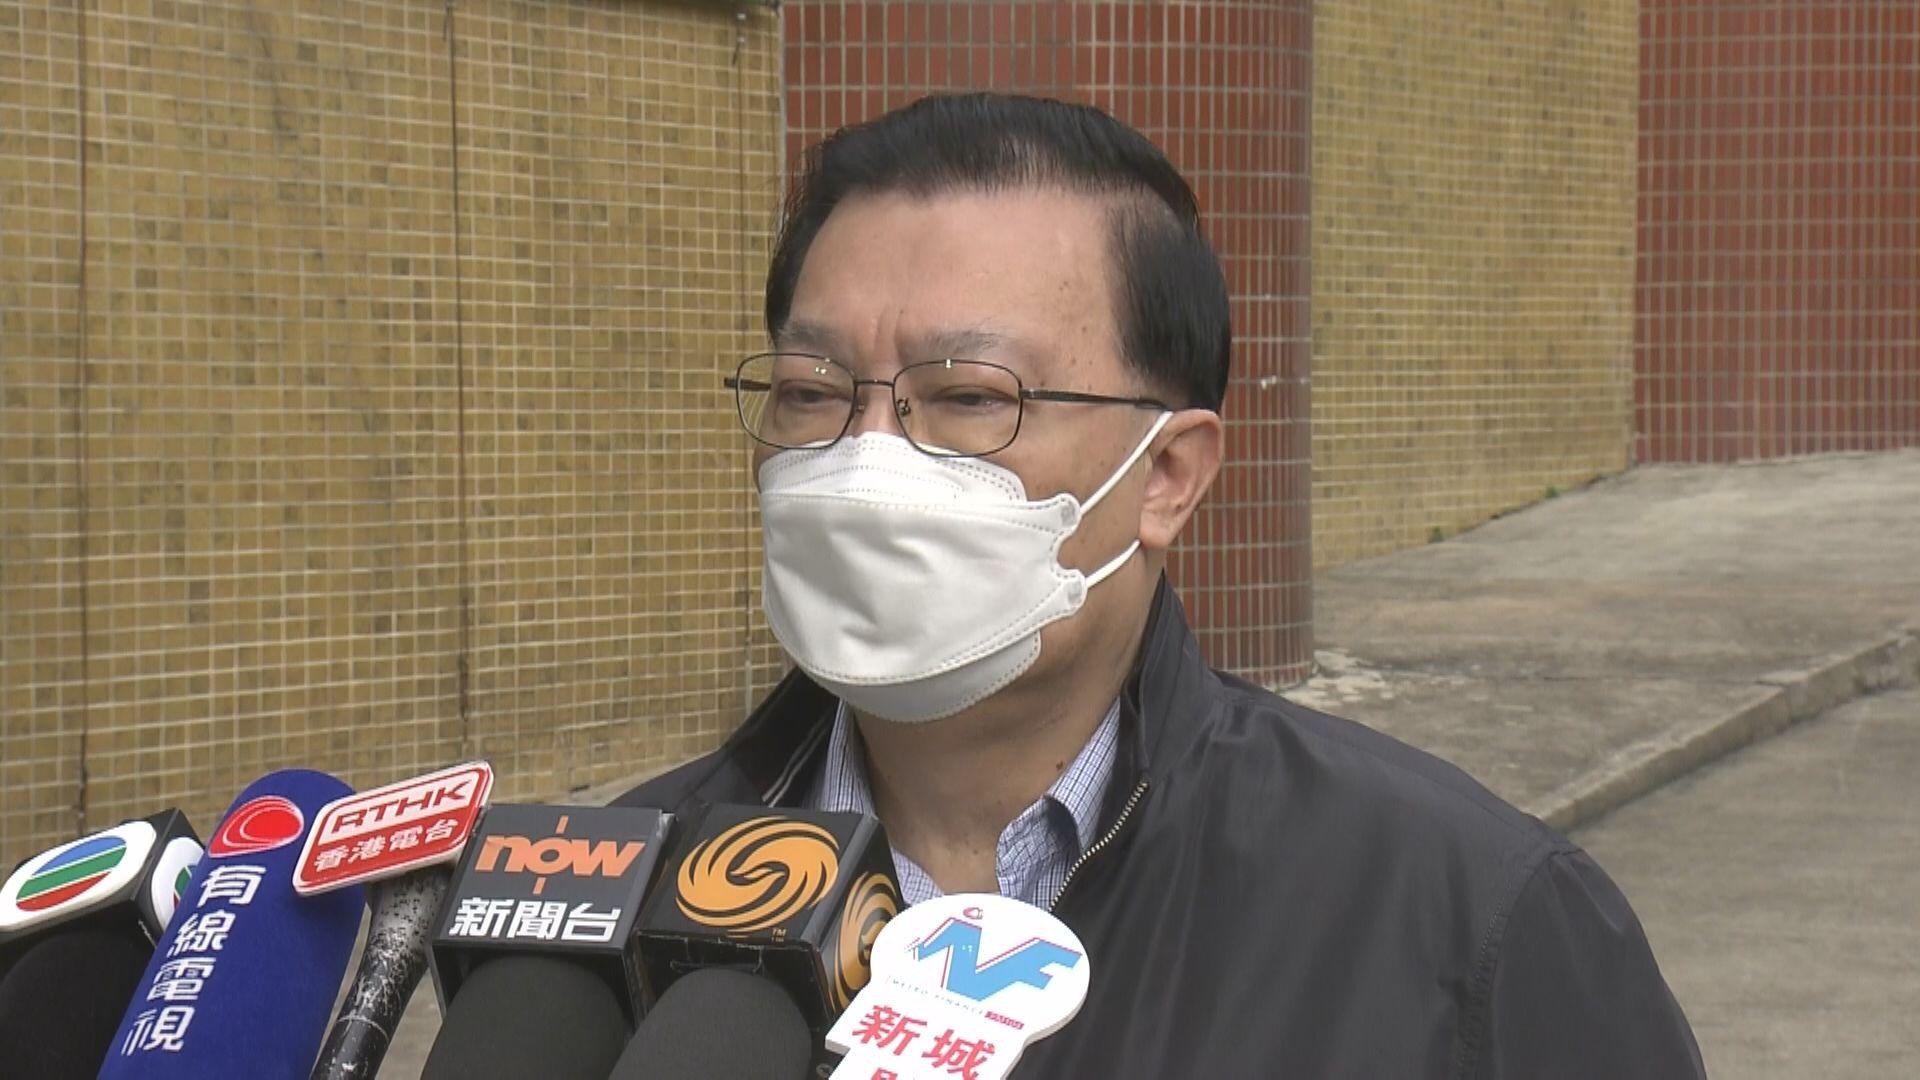 譚耀宗質疑民主派議員反對政府議案對社會是否有利